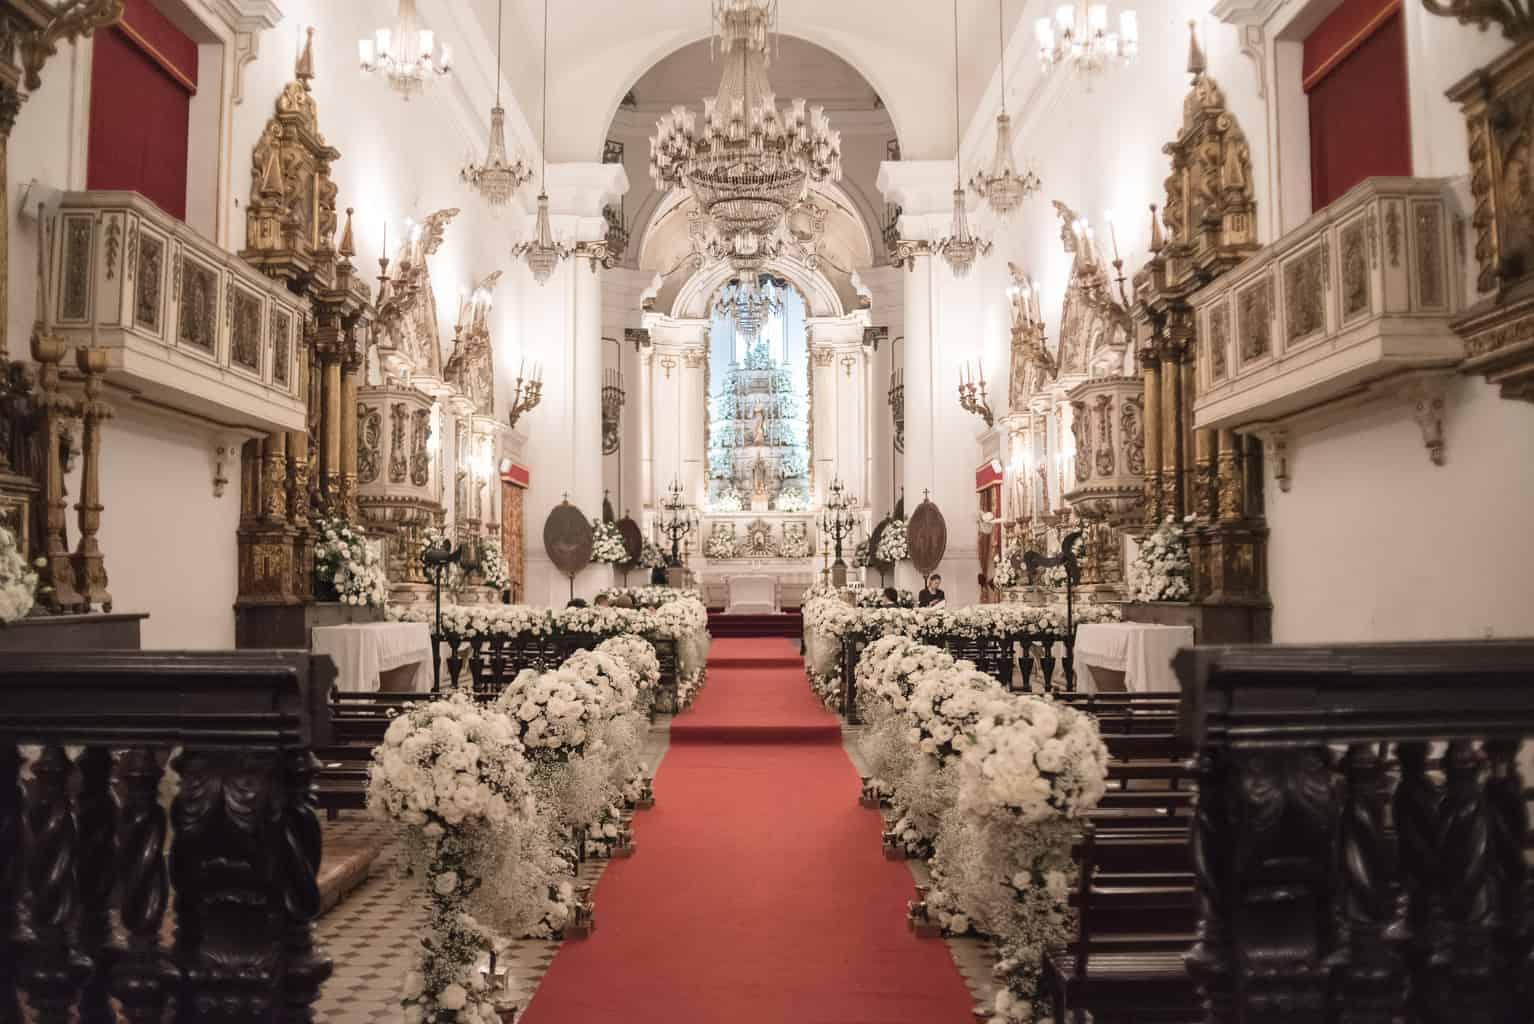 casamento-Patricia-e-Thiago-Igreja-Nossa-Senhora-do-Bonsucesso-Paula-Rocha-Marina-Fava-Cerimonia0446-Patricia-e-Thiago-_JGN0952